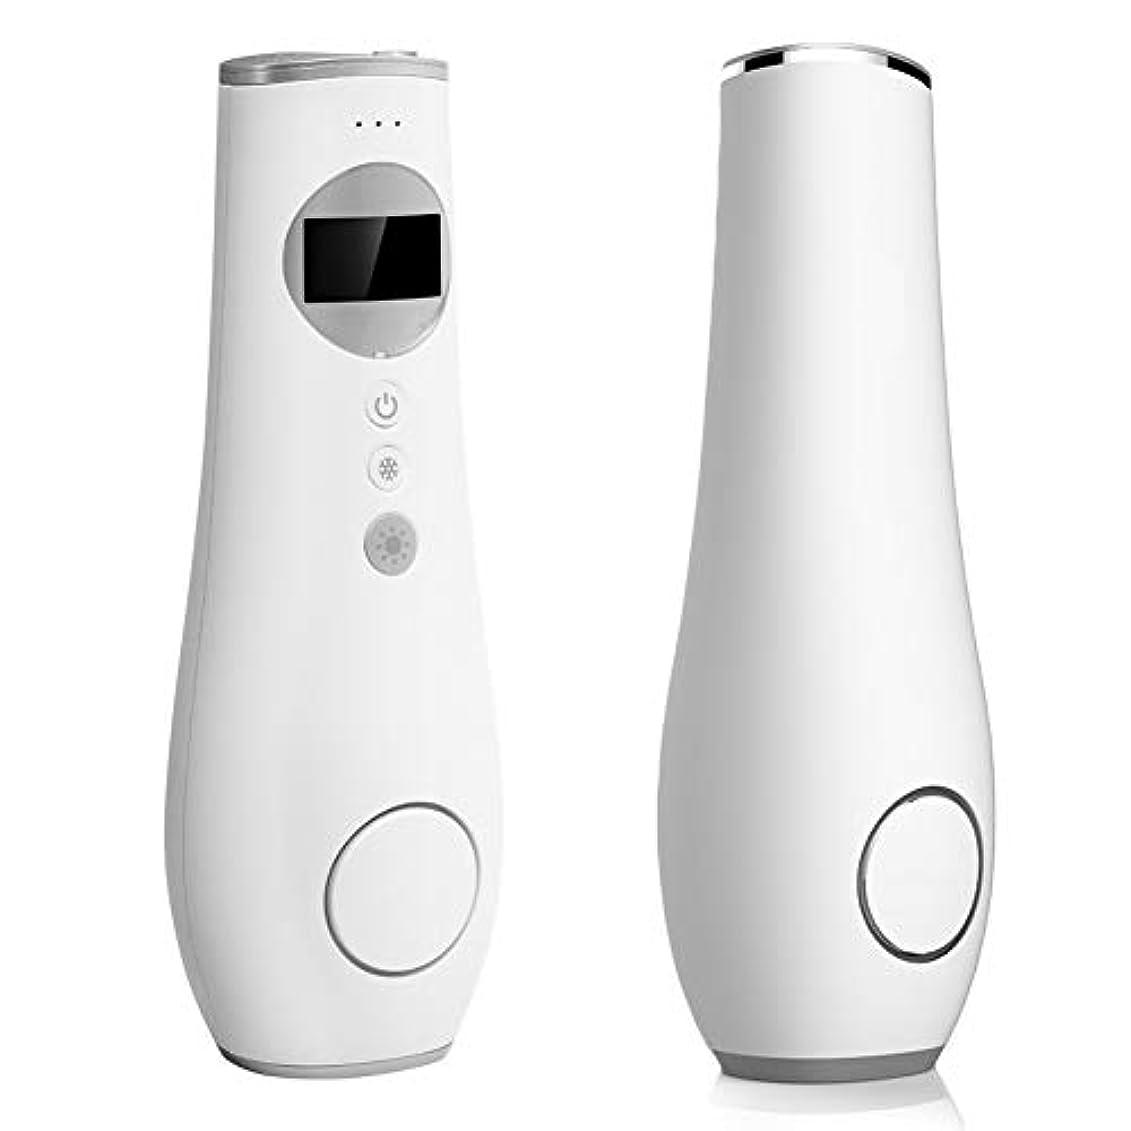 いまキャベツ小さな光美容機、3 in 1 IPL 400,000フラッシュフェイシャルボディ痛みのないレーザー脱毛器冷却ケアにきび若返りビキニトリマーホーム美容機器